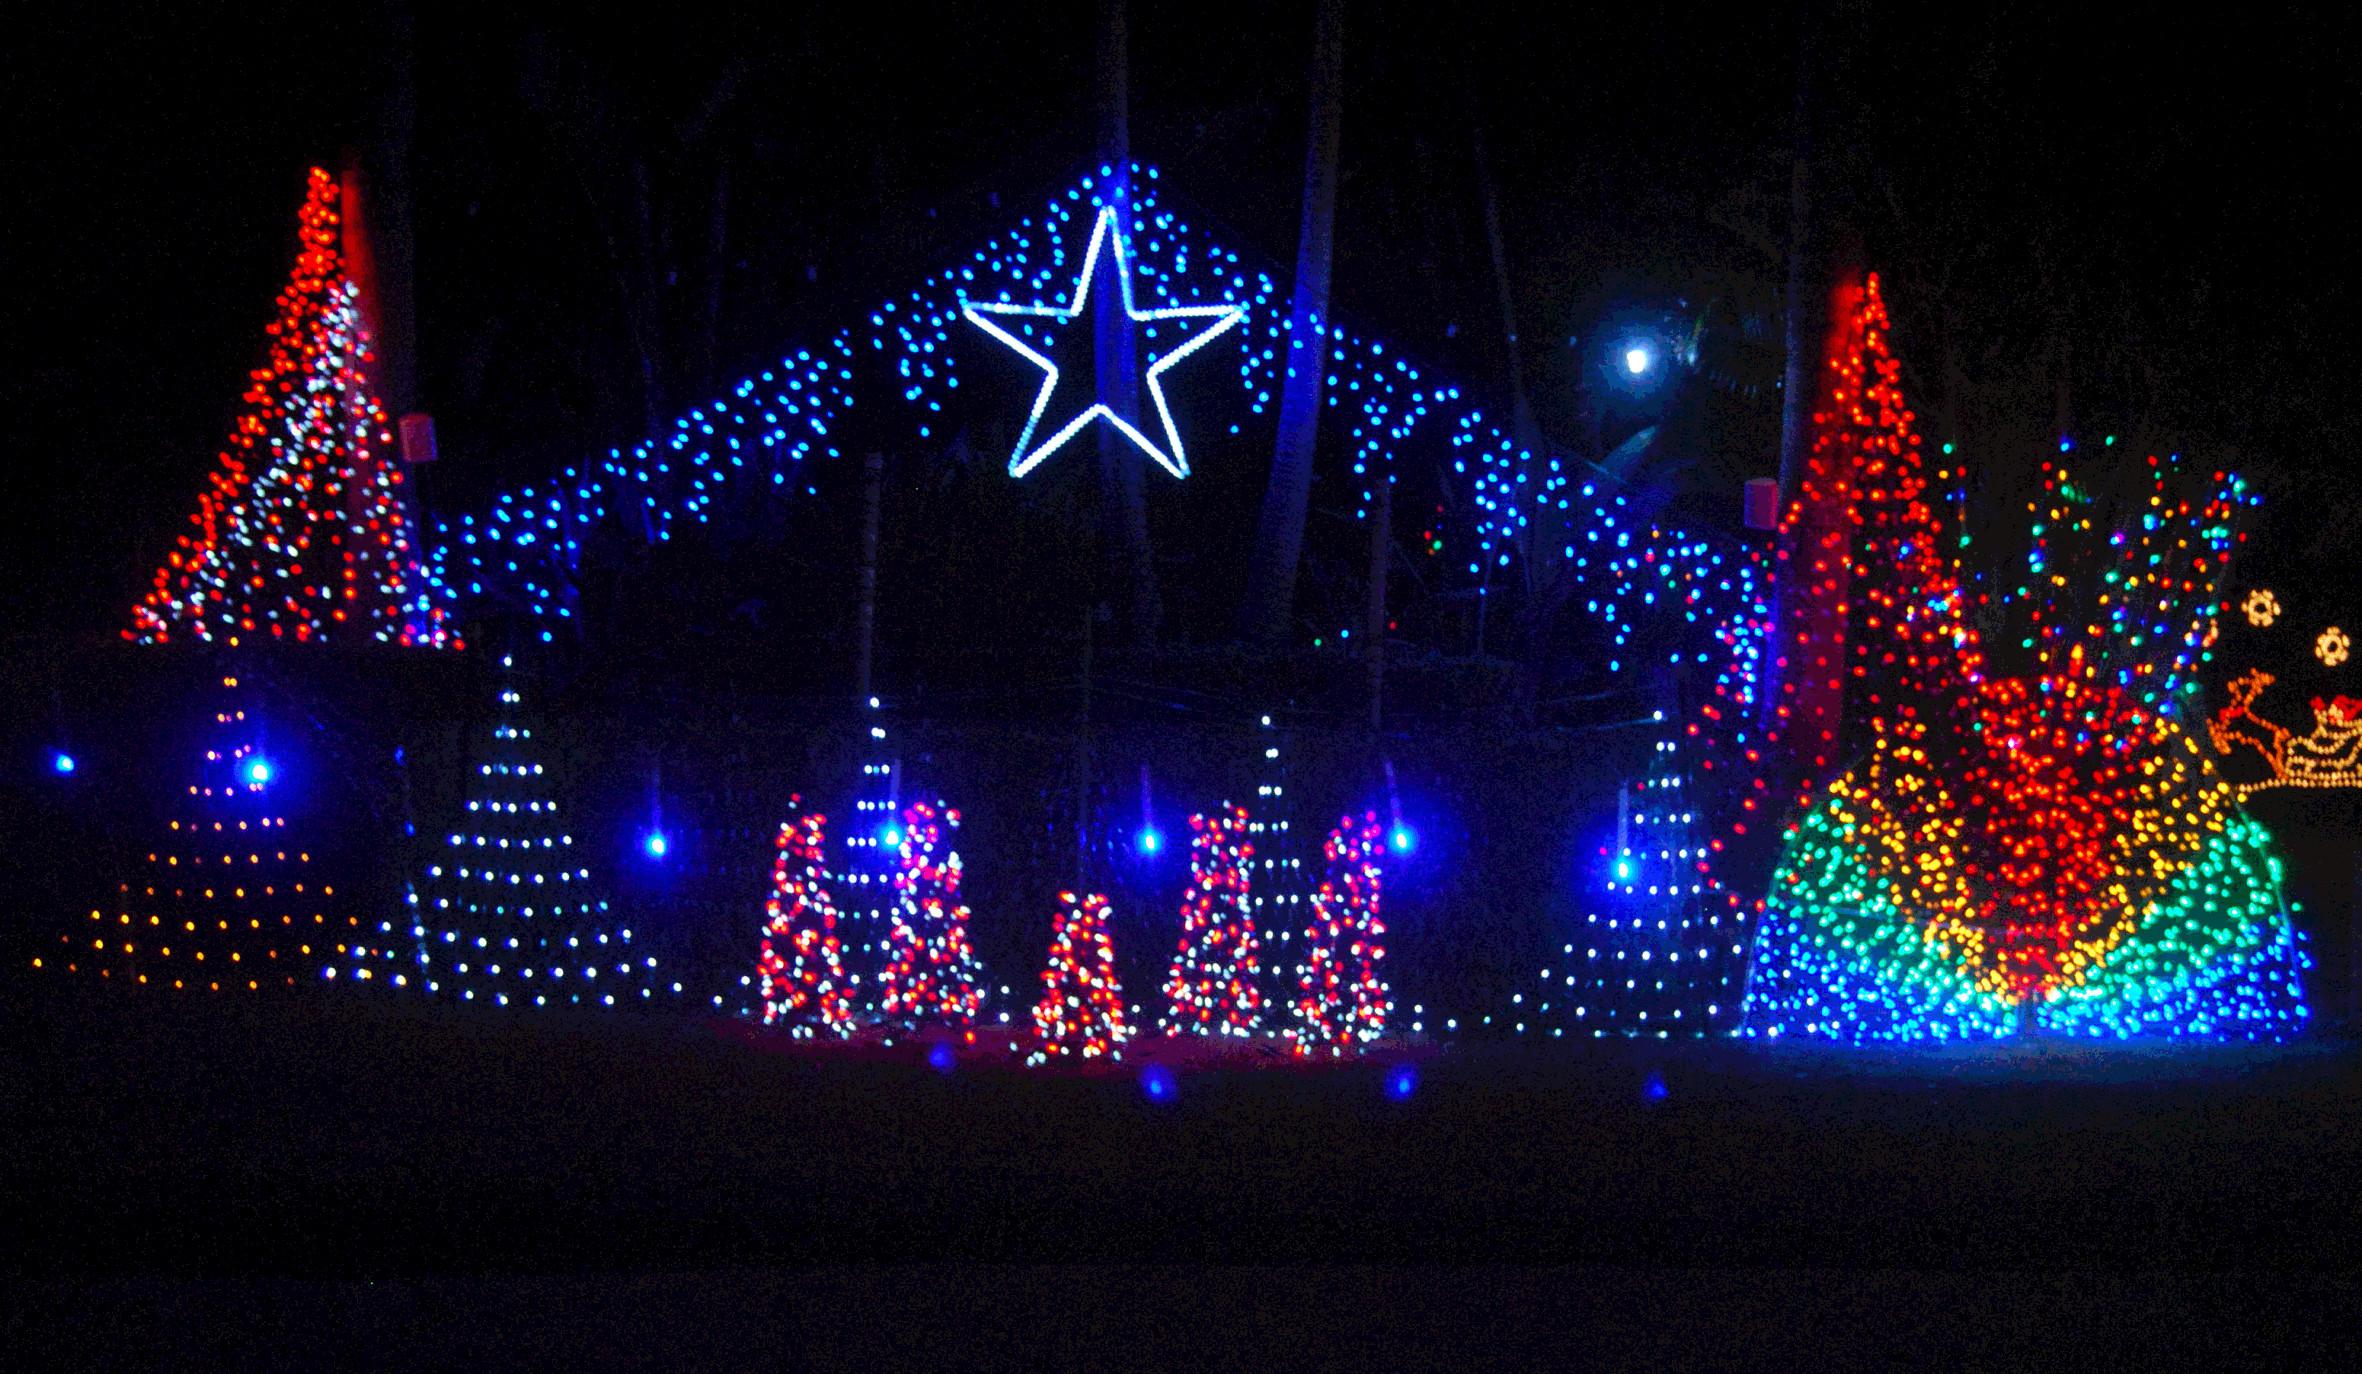 Christmas Lights High Resolution Wallpapers (Nikita Sosnowski, px)